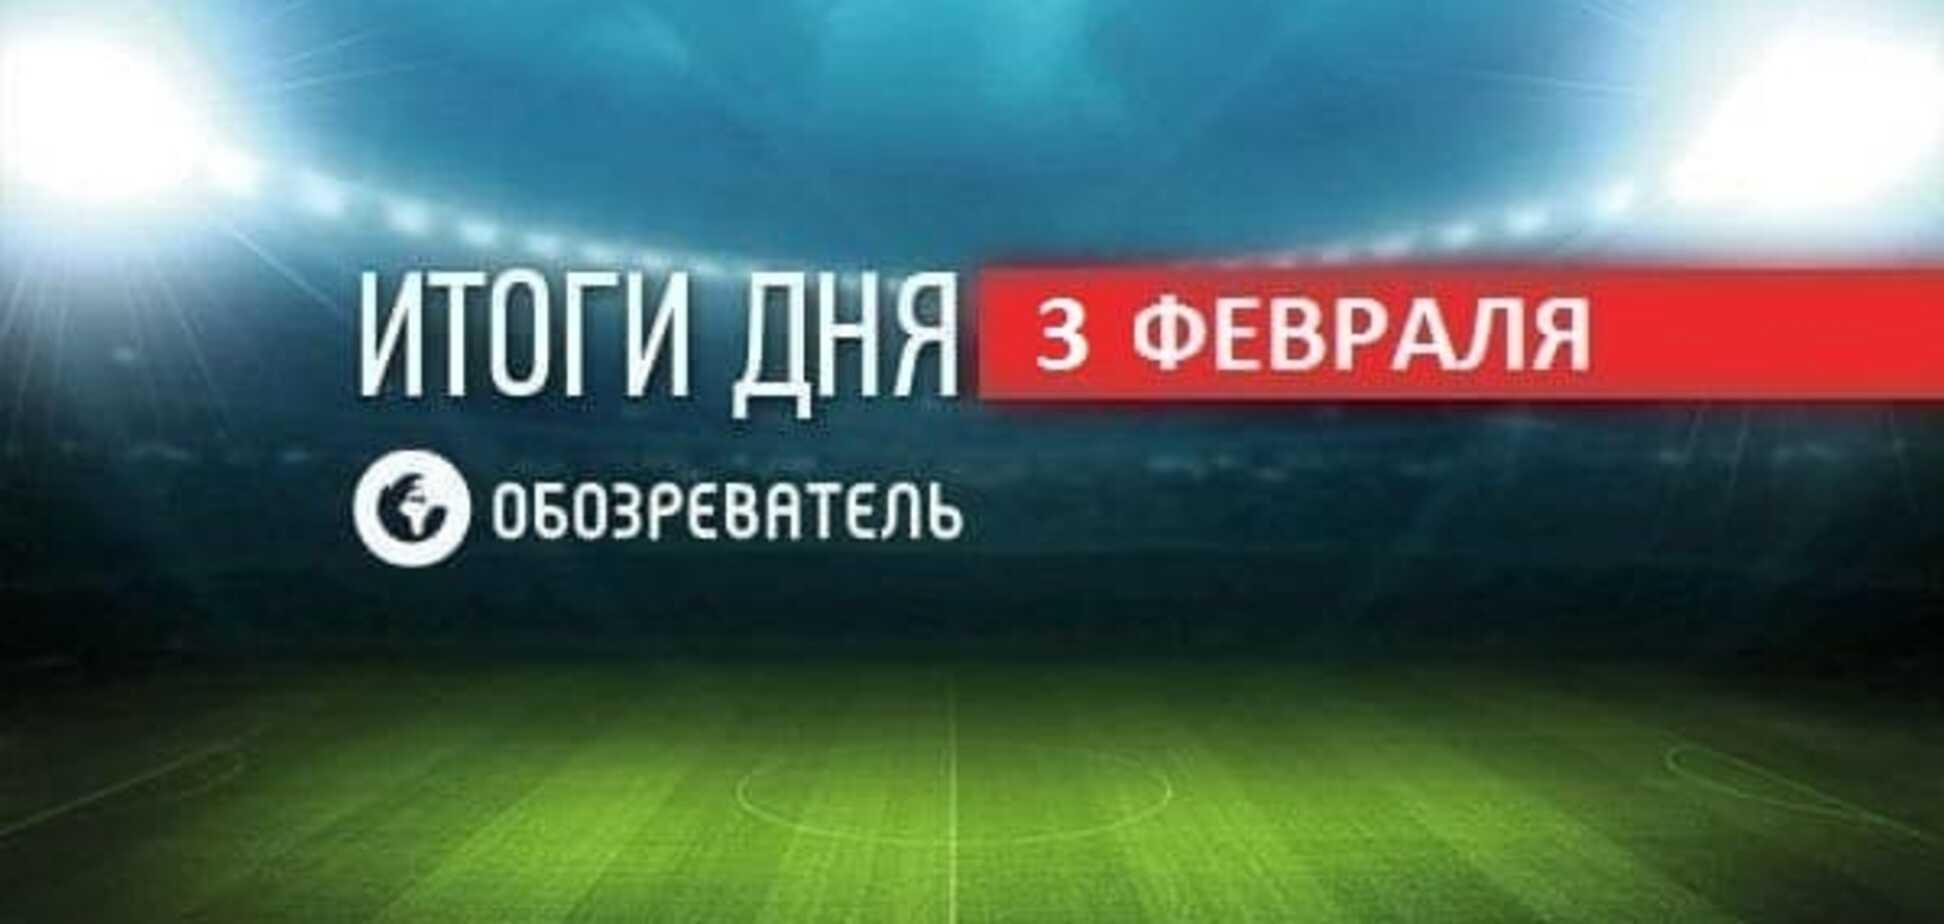 ФІФА 'залишила' Росію без Криму. Спортивні підсумки за 3 лютого